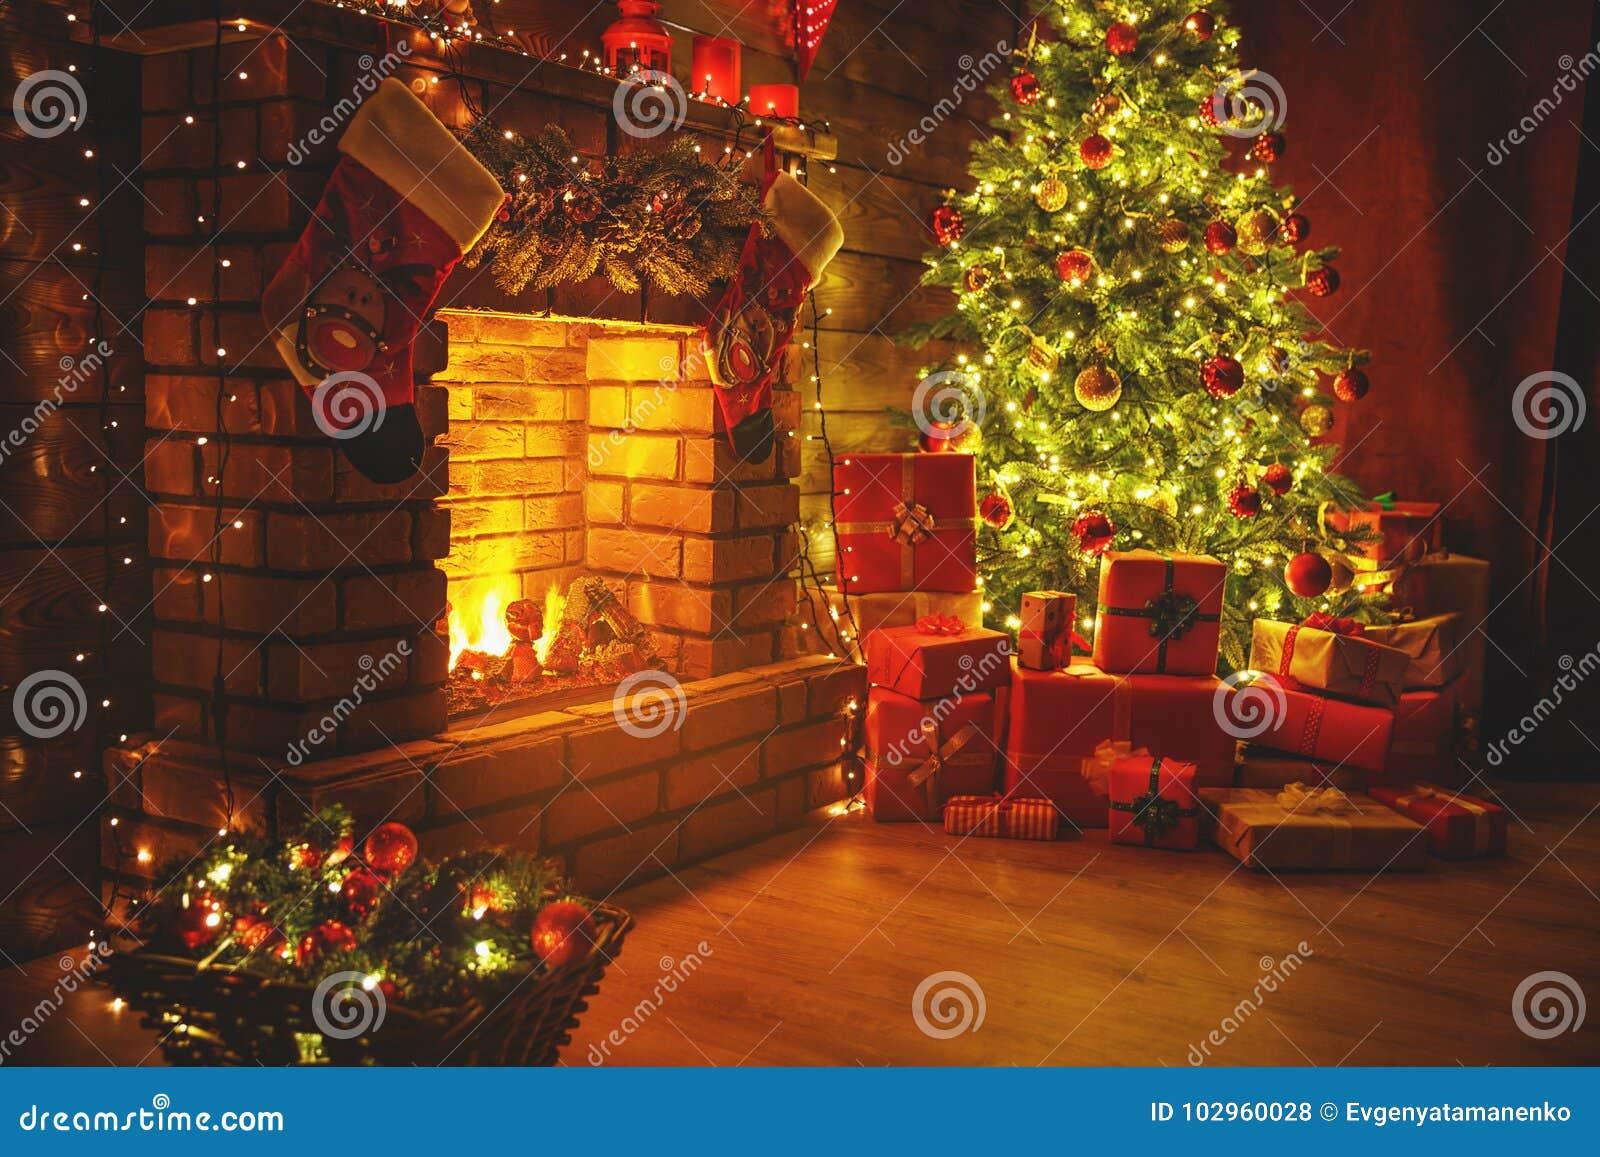 Natal interior árvore de incandescência mágica, presentes da chaminé na obscuridade